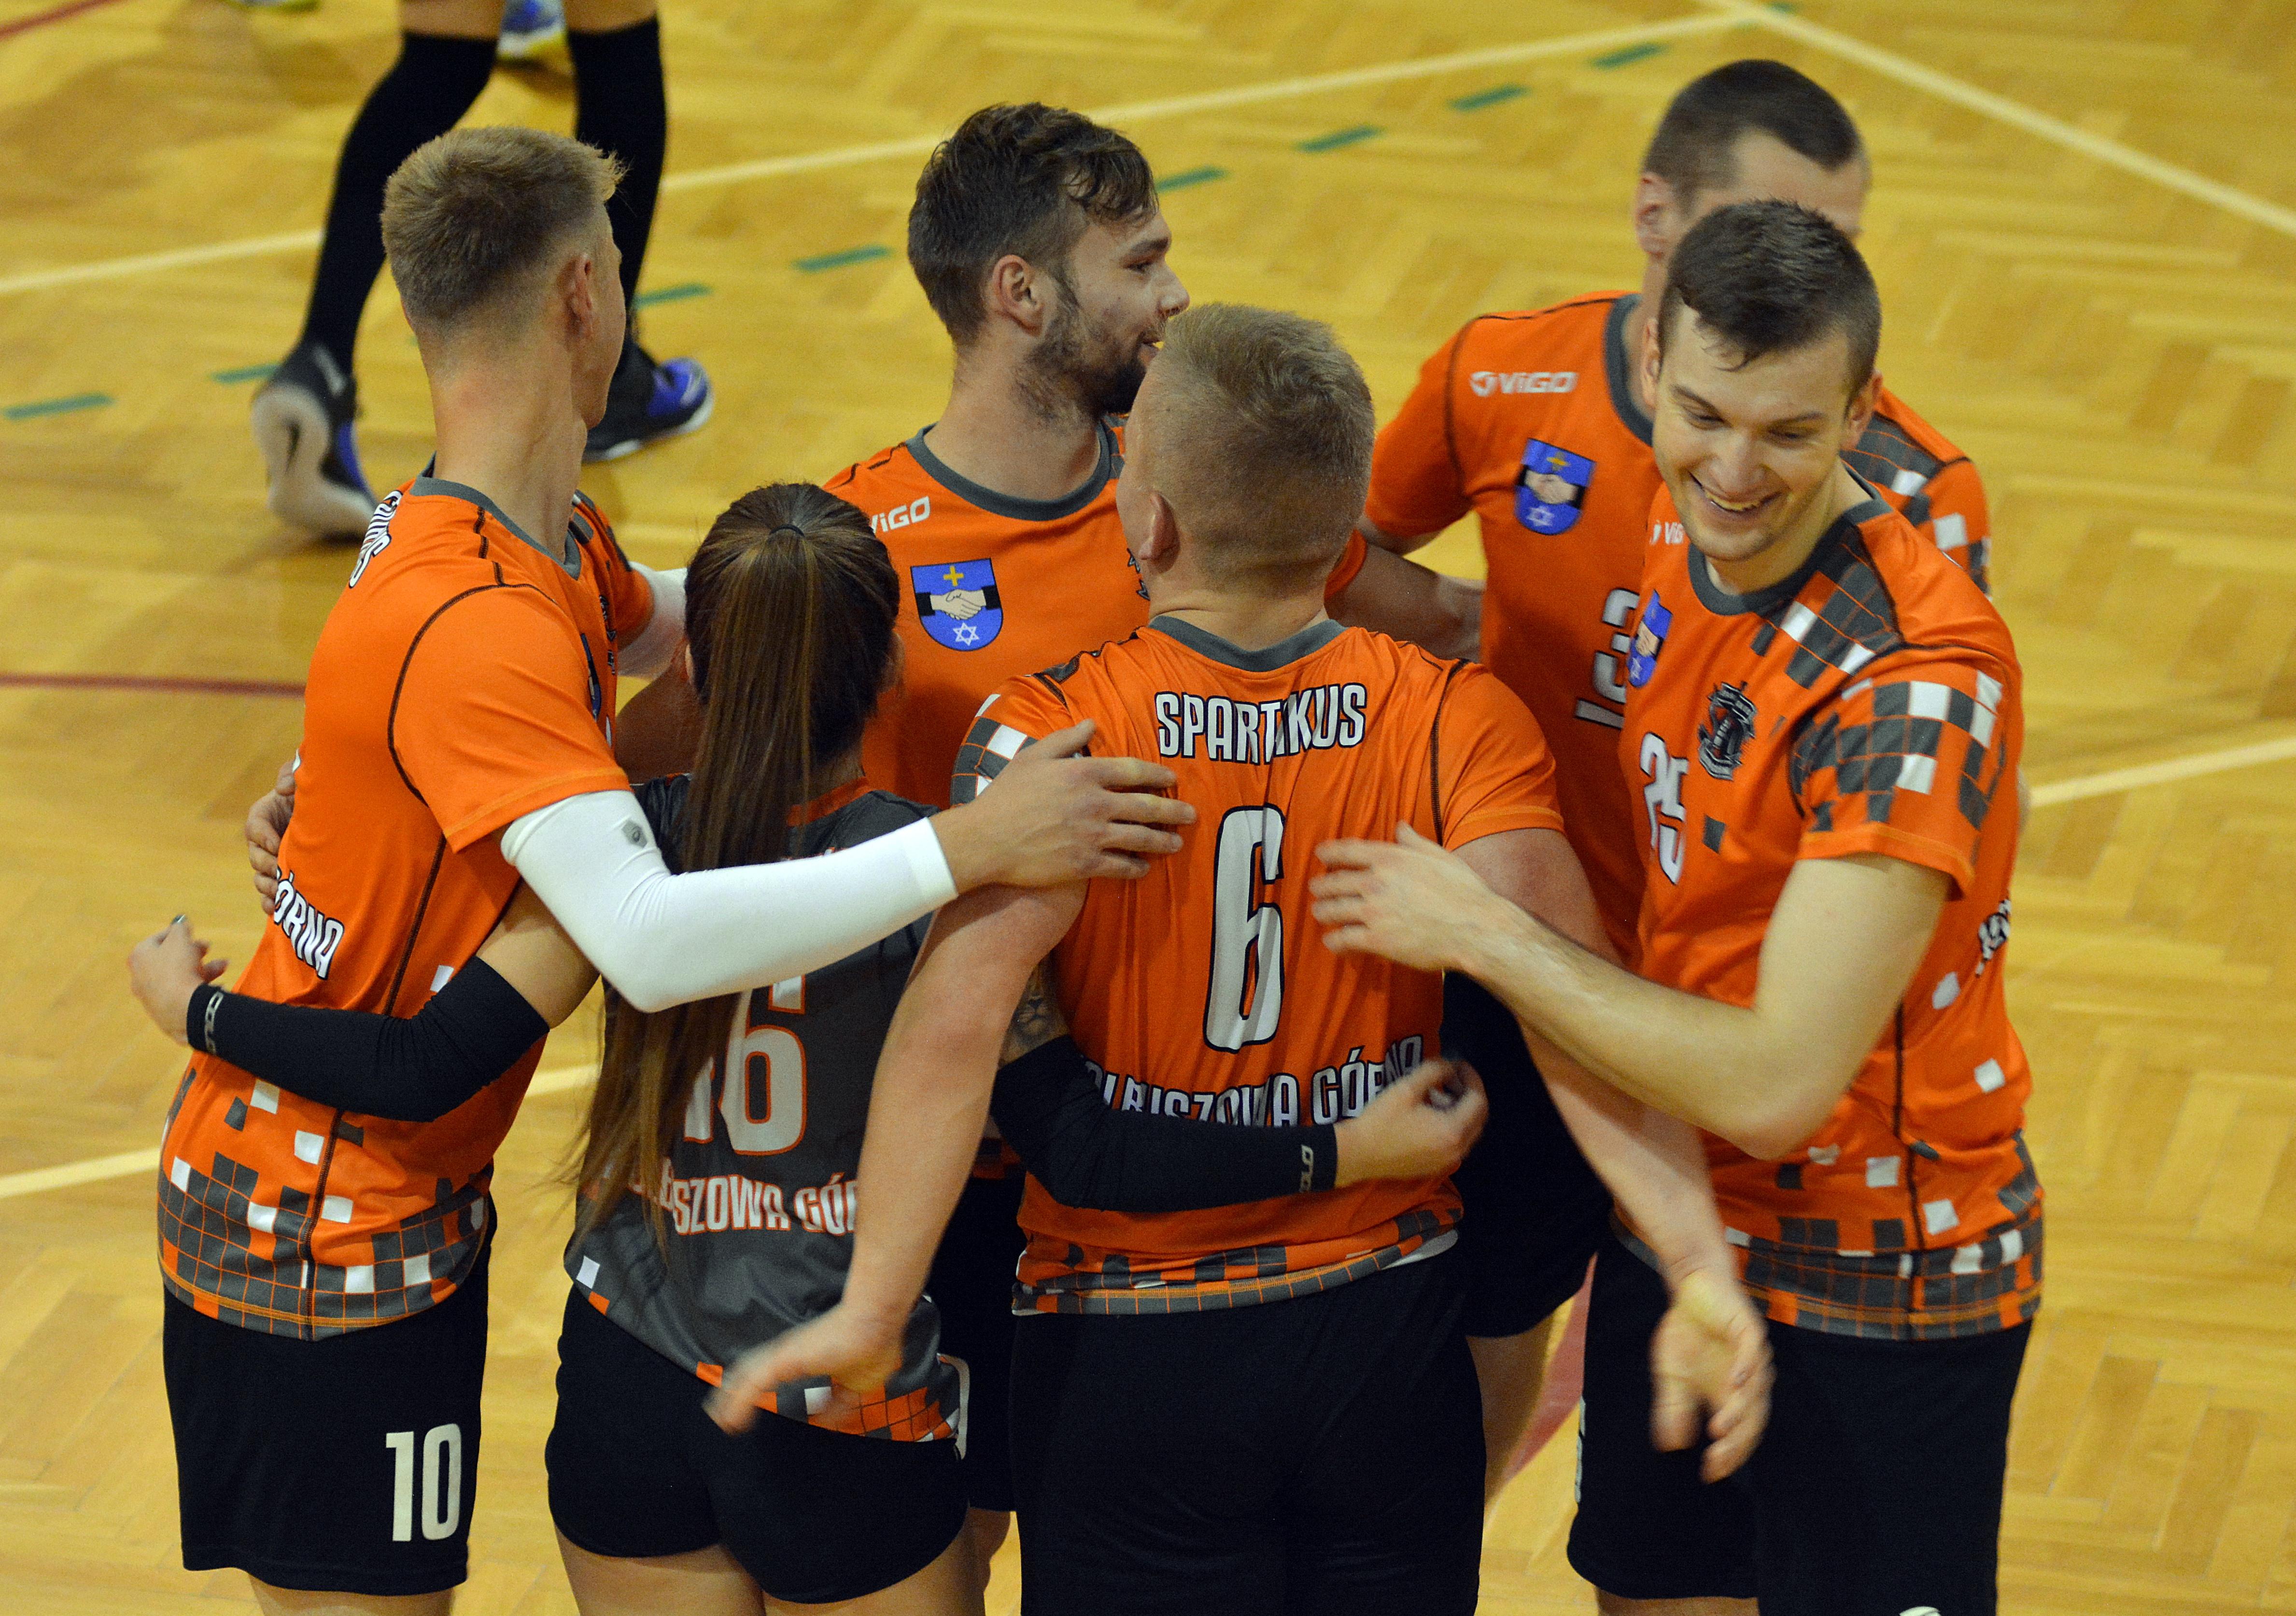 Siatkarze Spartakusa Kolbuszowa Górna wygrali drugi mecz z rzędu - Zdjęcie główne